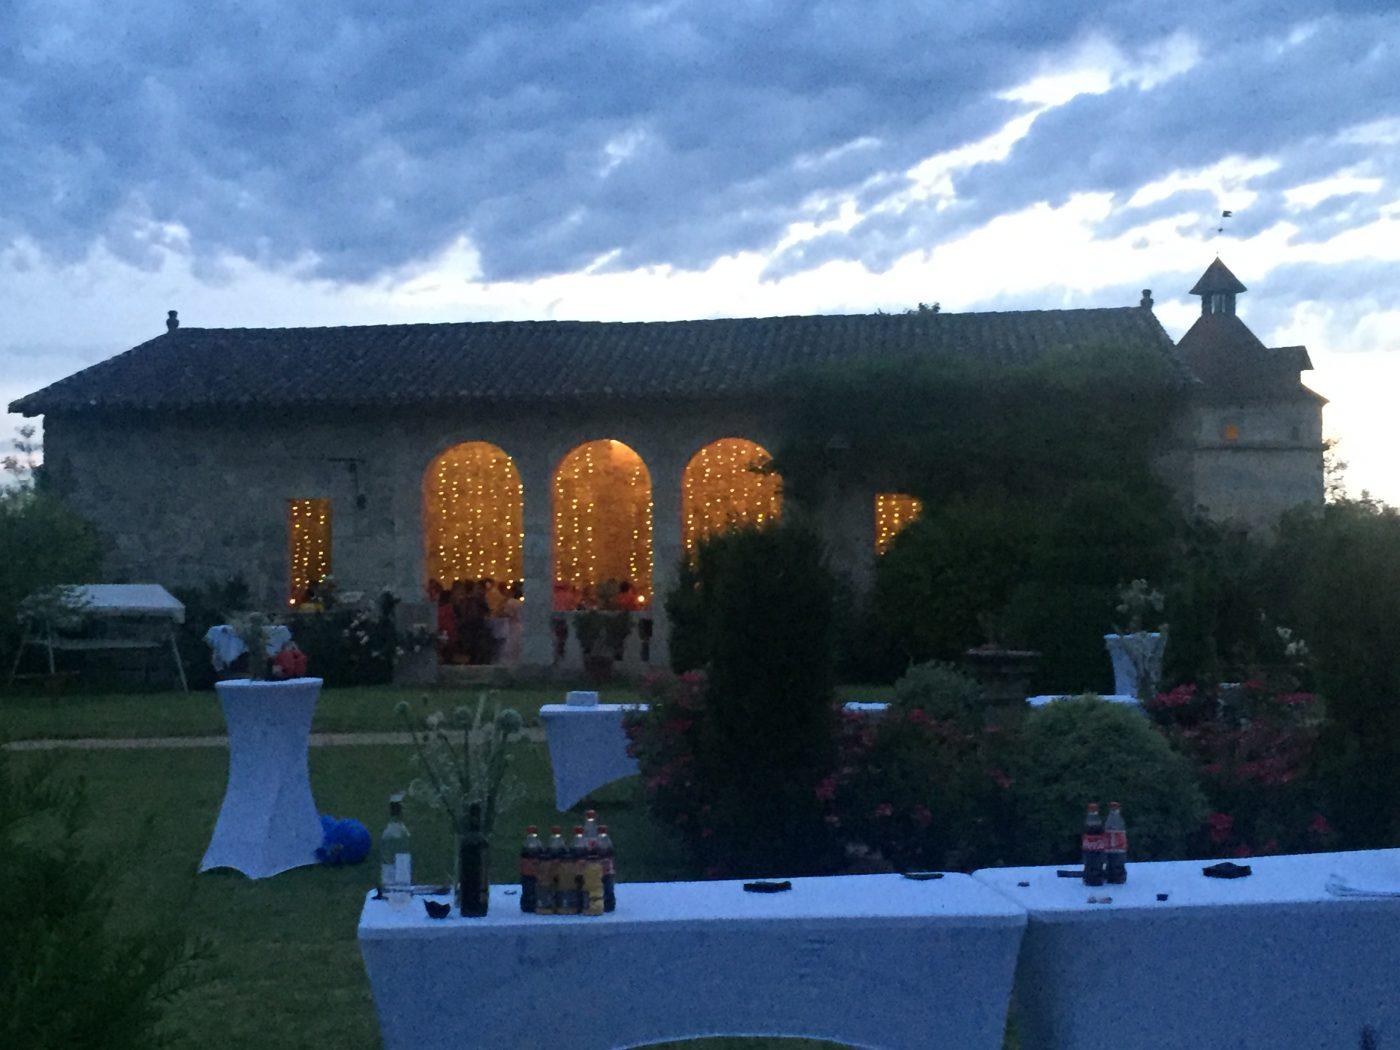 Château du Fréchou Wedding Venue